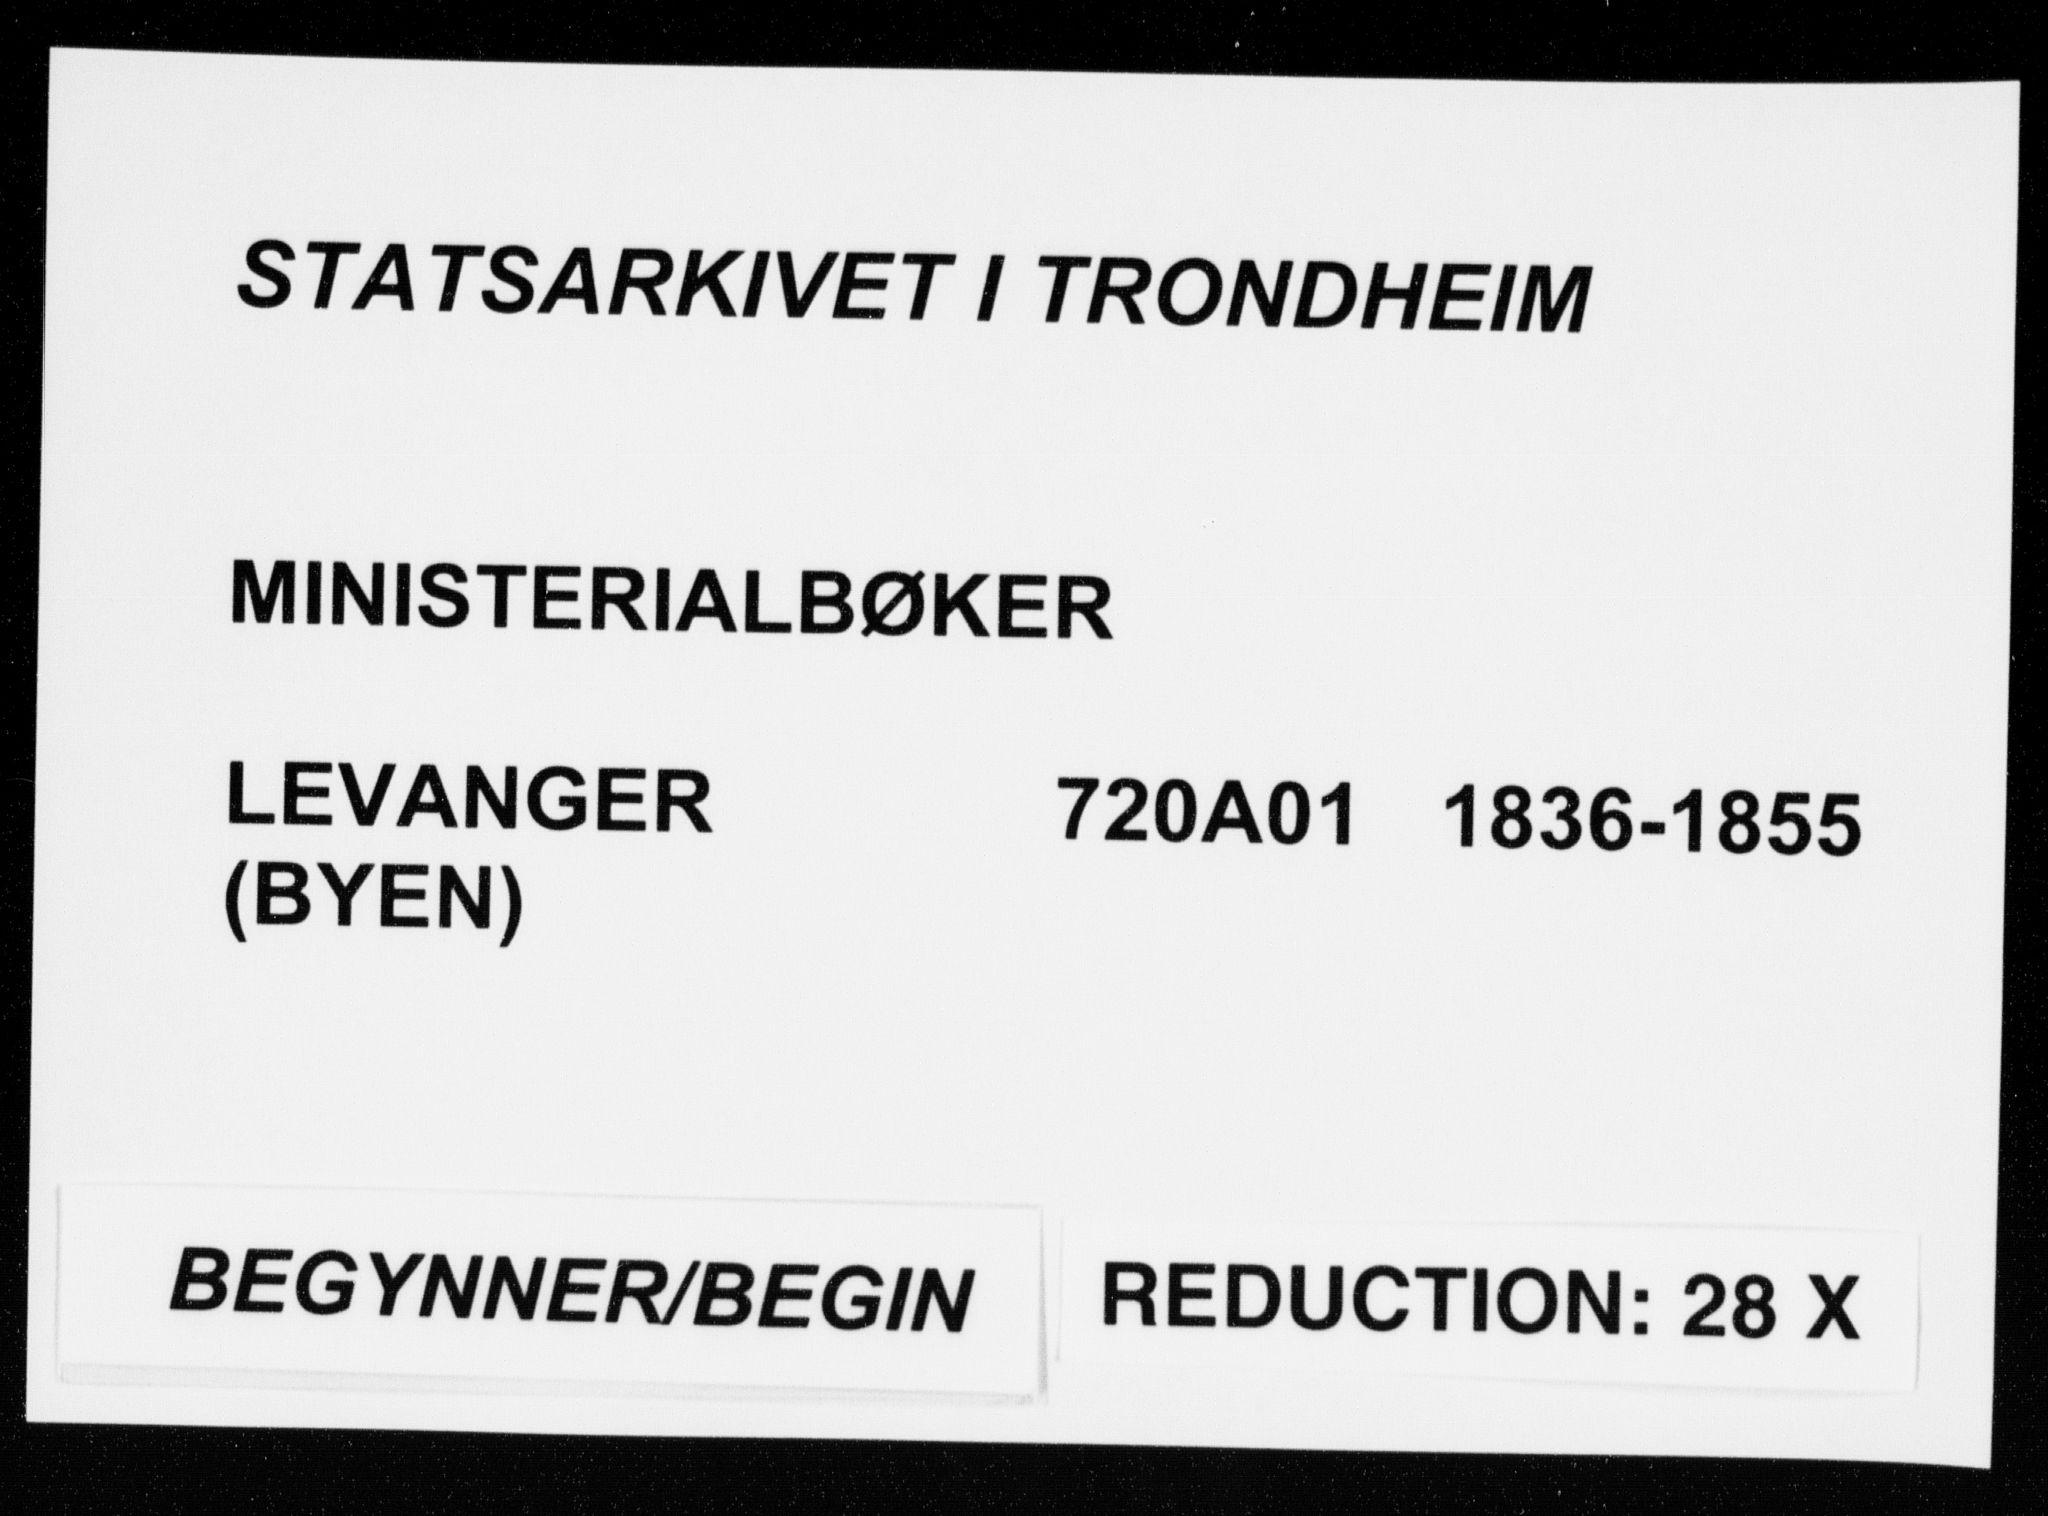 SAT, Ministerialprotokoller, klokkerbøker og fødselsregistre - Nord-Trøndelag, 720/L0183: Ministerialbok nr. 720A01, 1836-1855